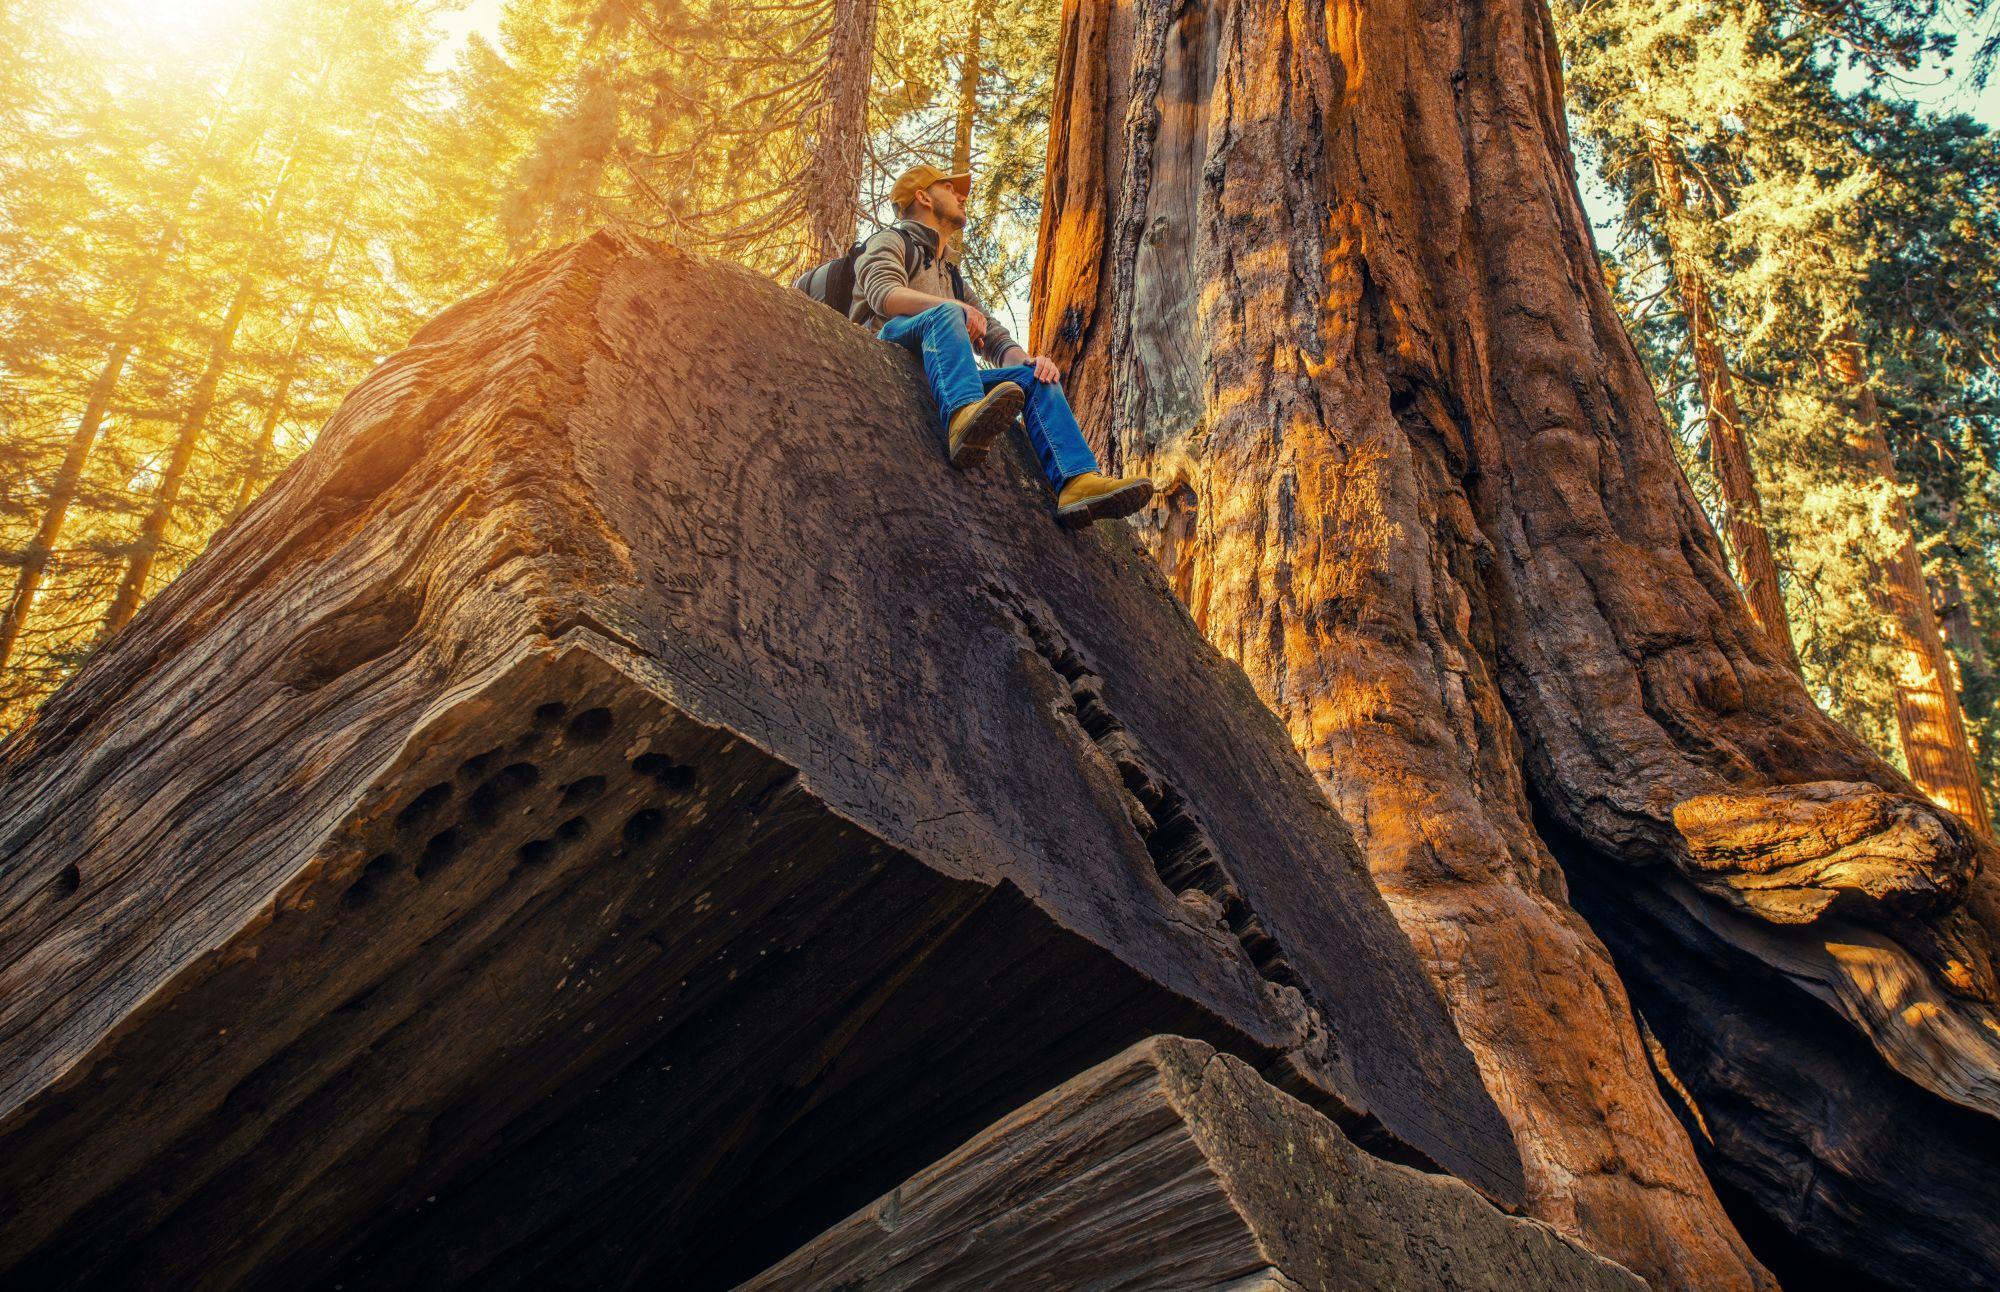 Mies hengittelee metsässä